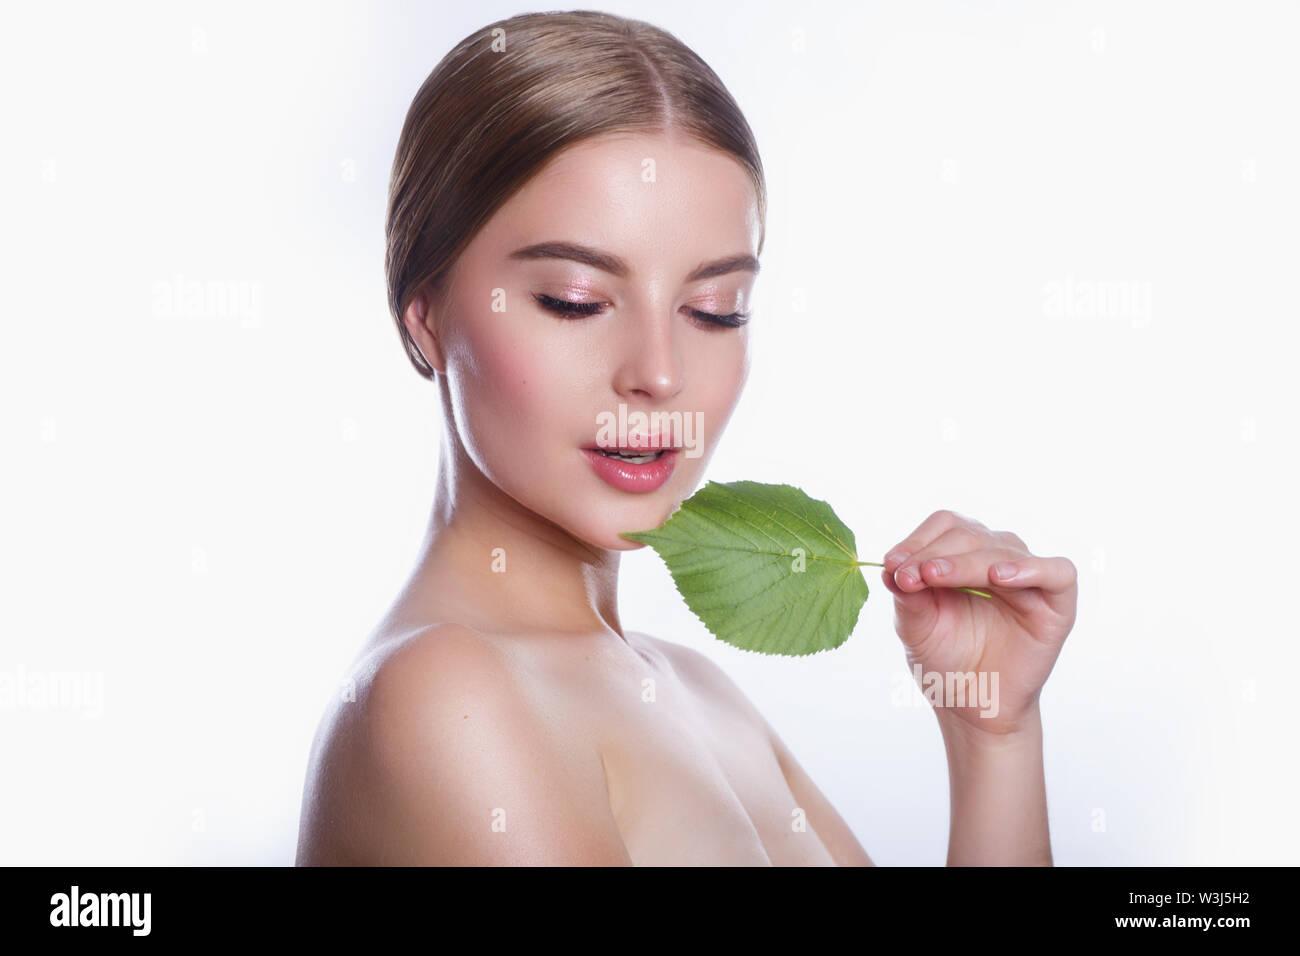 Schöne junge Frau mit saubere, frische Haut und grünes Blatt auf weißem Hintergrund. Mädchen Schönheit Gesichtspflege. Gesichtsbehandlung. Stockbild